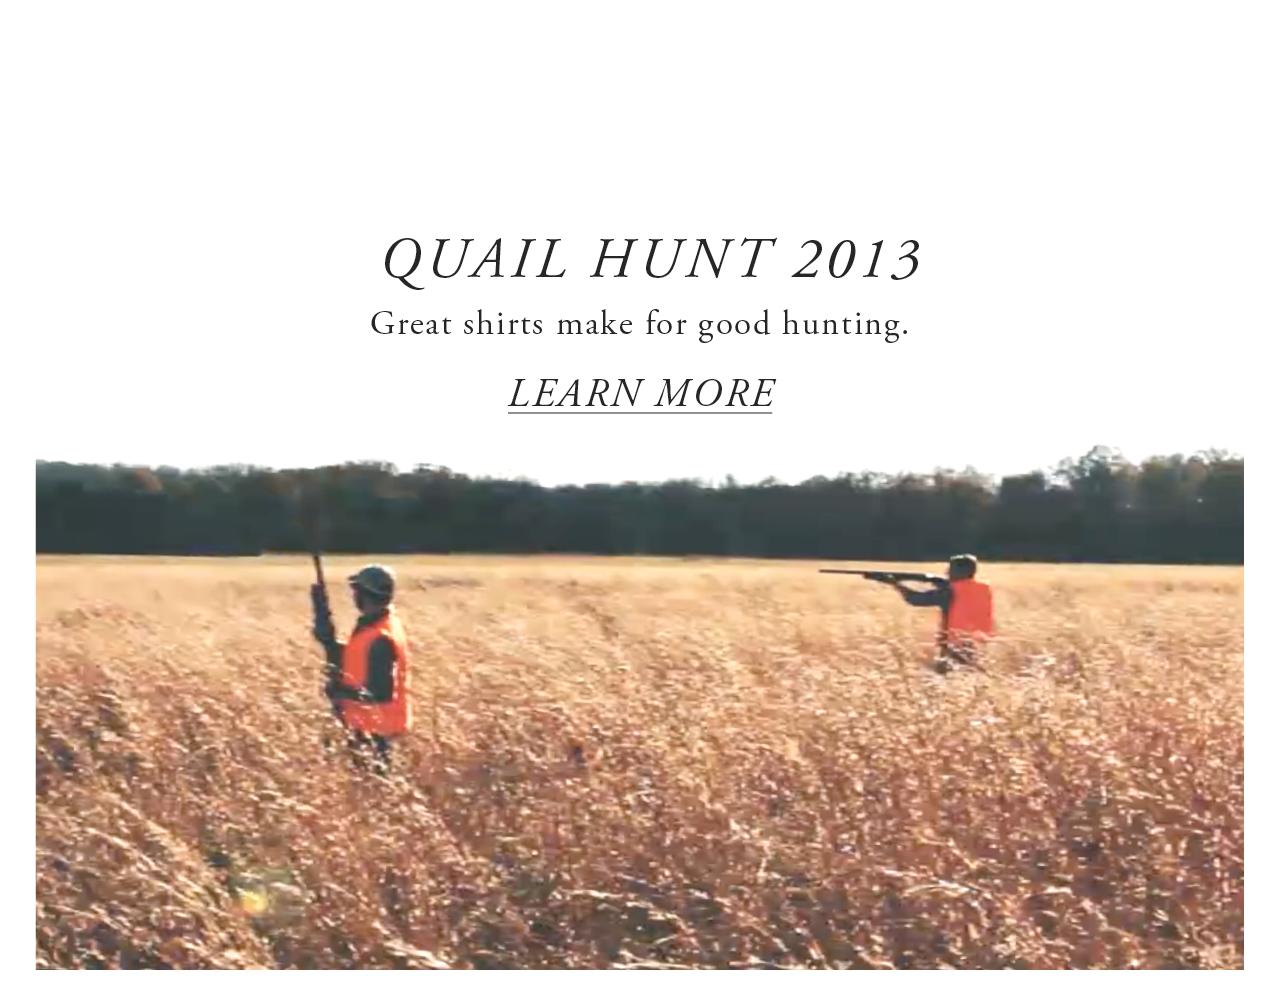 Ledbury Quail Hunt 2013